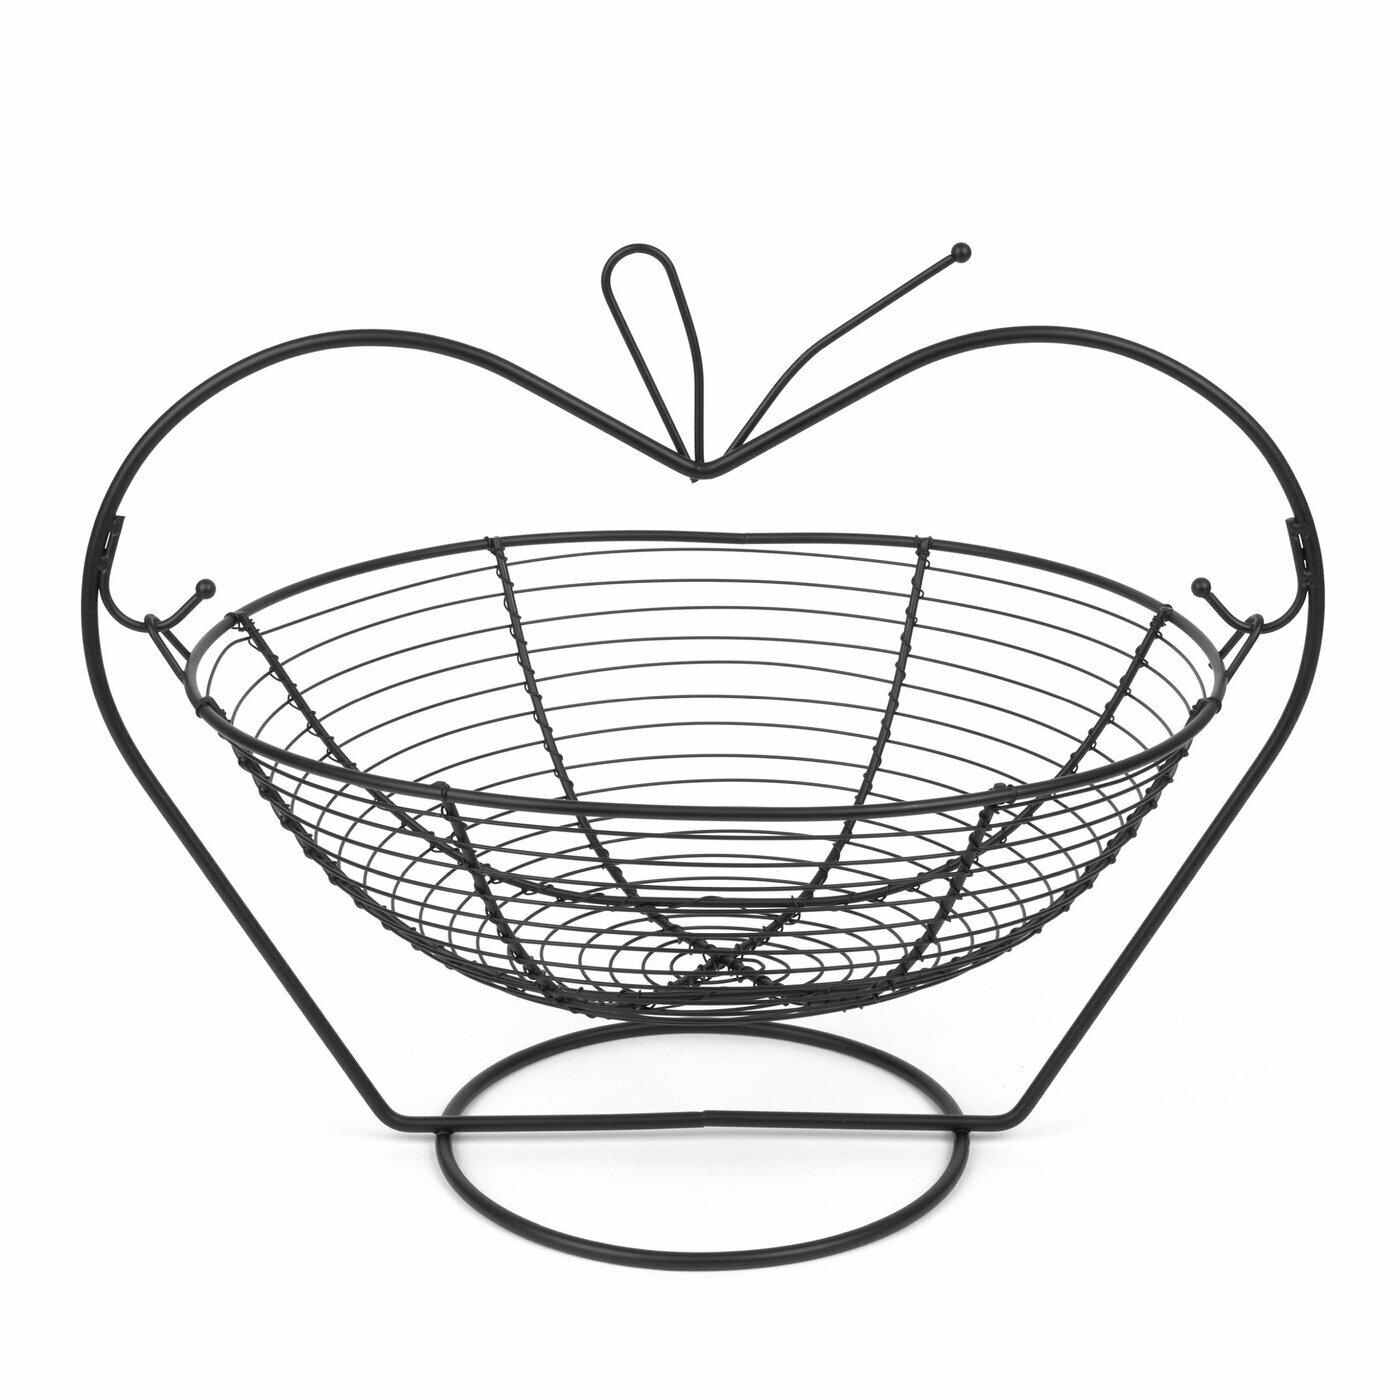 Koszyk Na Owoce Tadar Kolyska Jablko Ii 36 X 27 X 32 Cm Czarny Tadar Pl